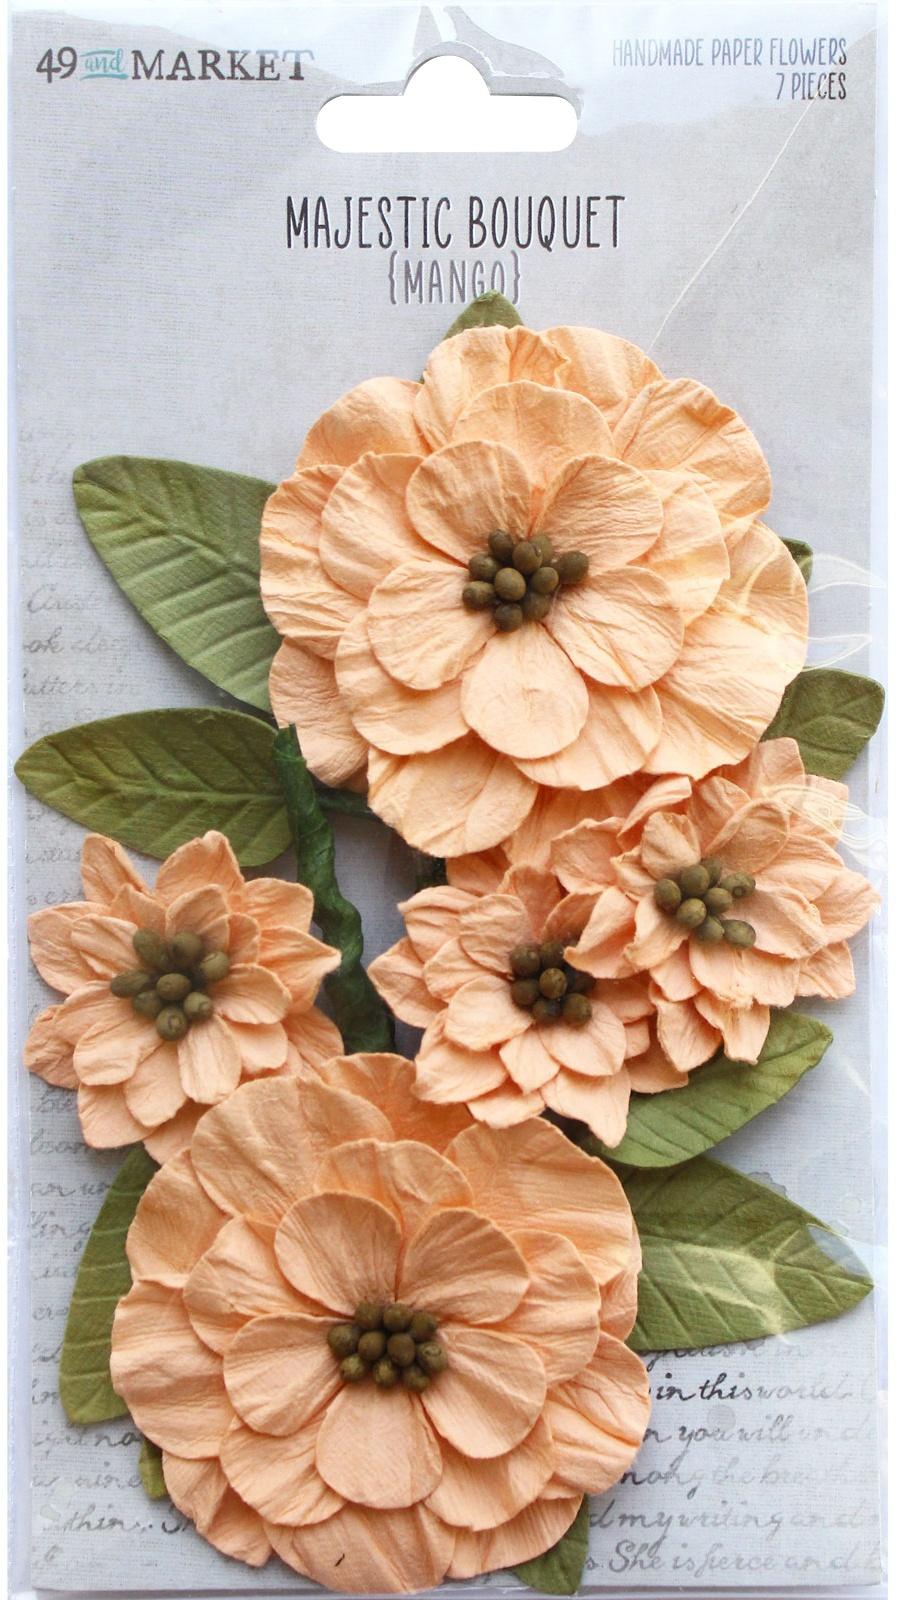 49 And Market Majestic Bouquet Paper Flowers 7/Pkg-Mango